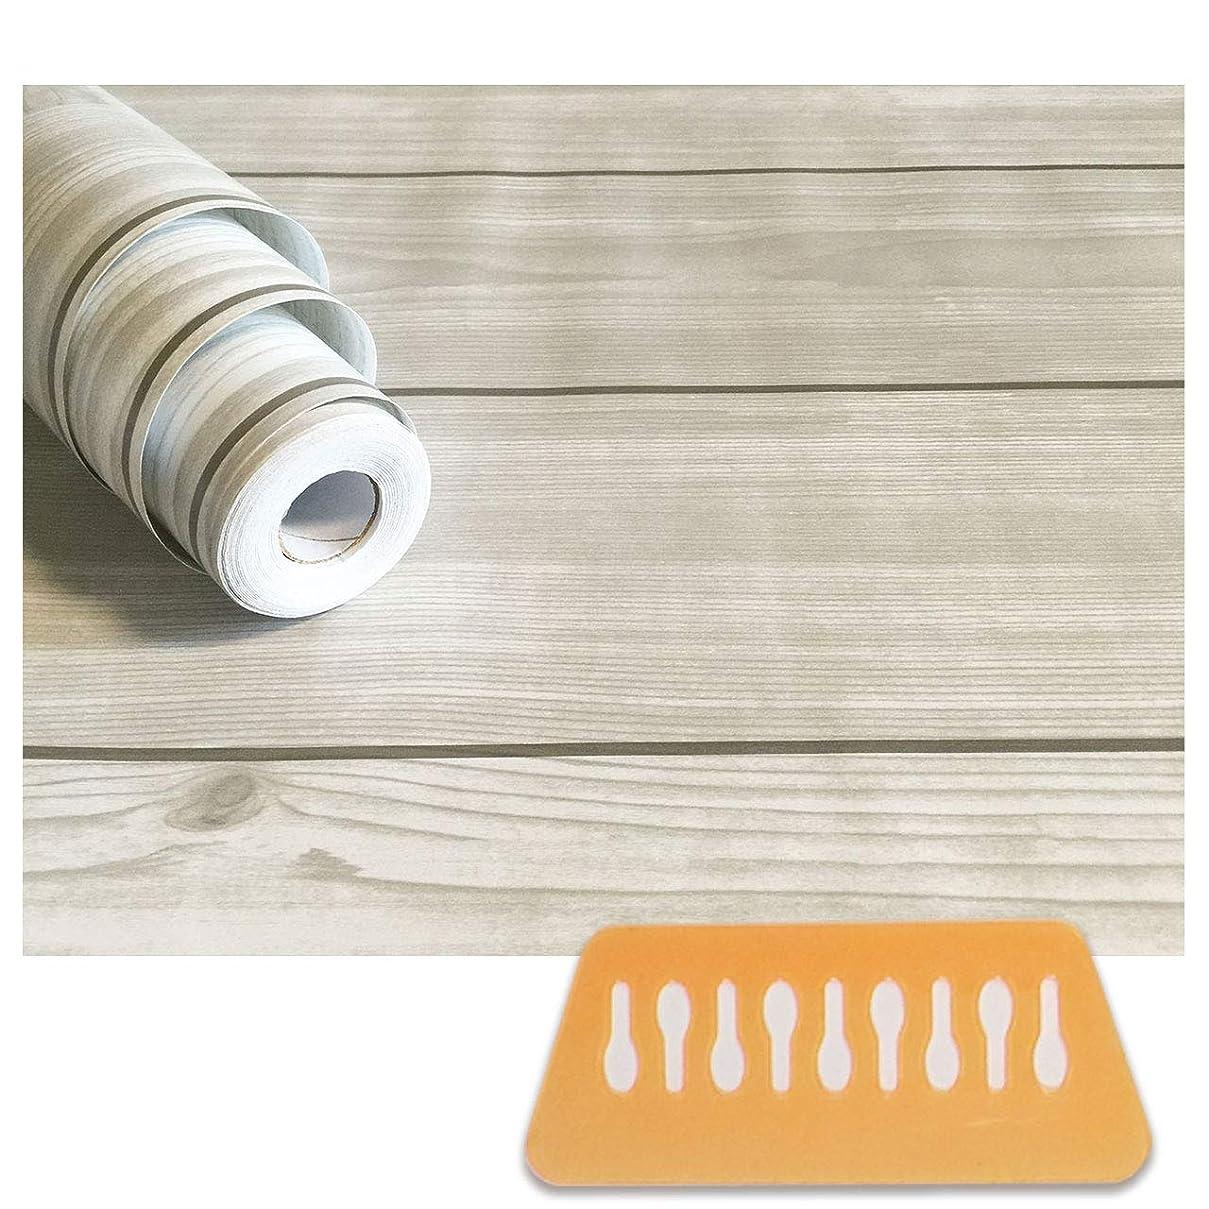 「RELIVE」壁紙シール 簡単 模様替え おしゃれ 木目 DIY【45cm× 10m】 (ホワイトグレー)